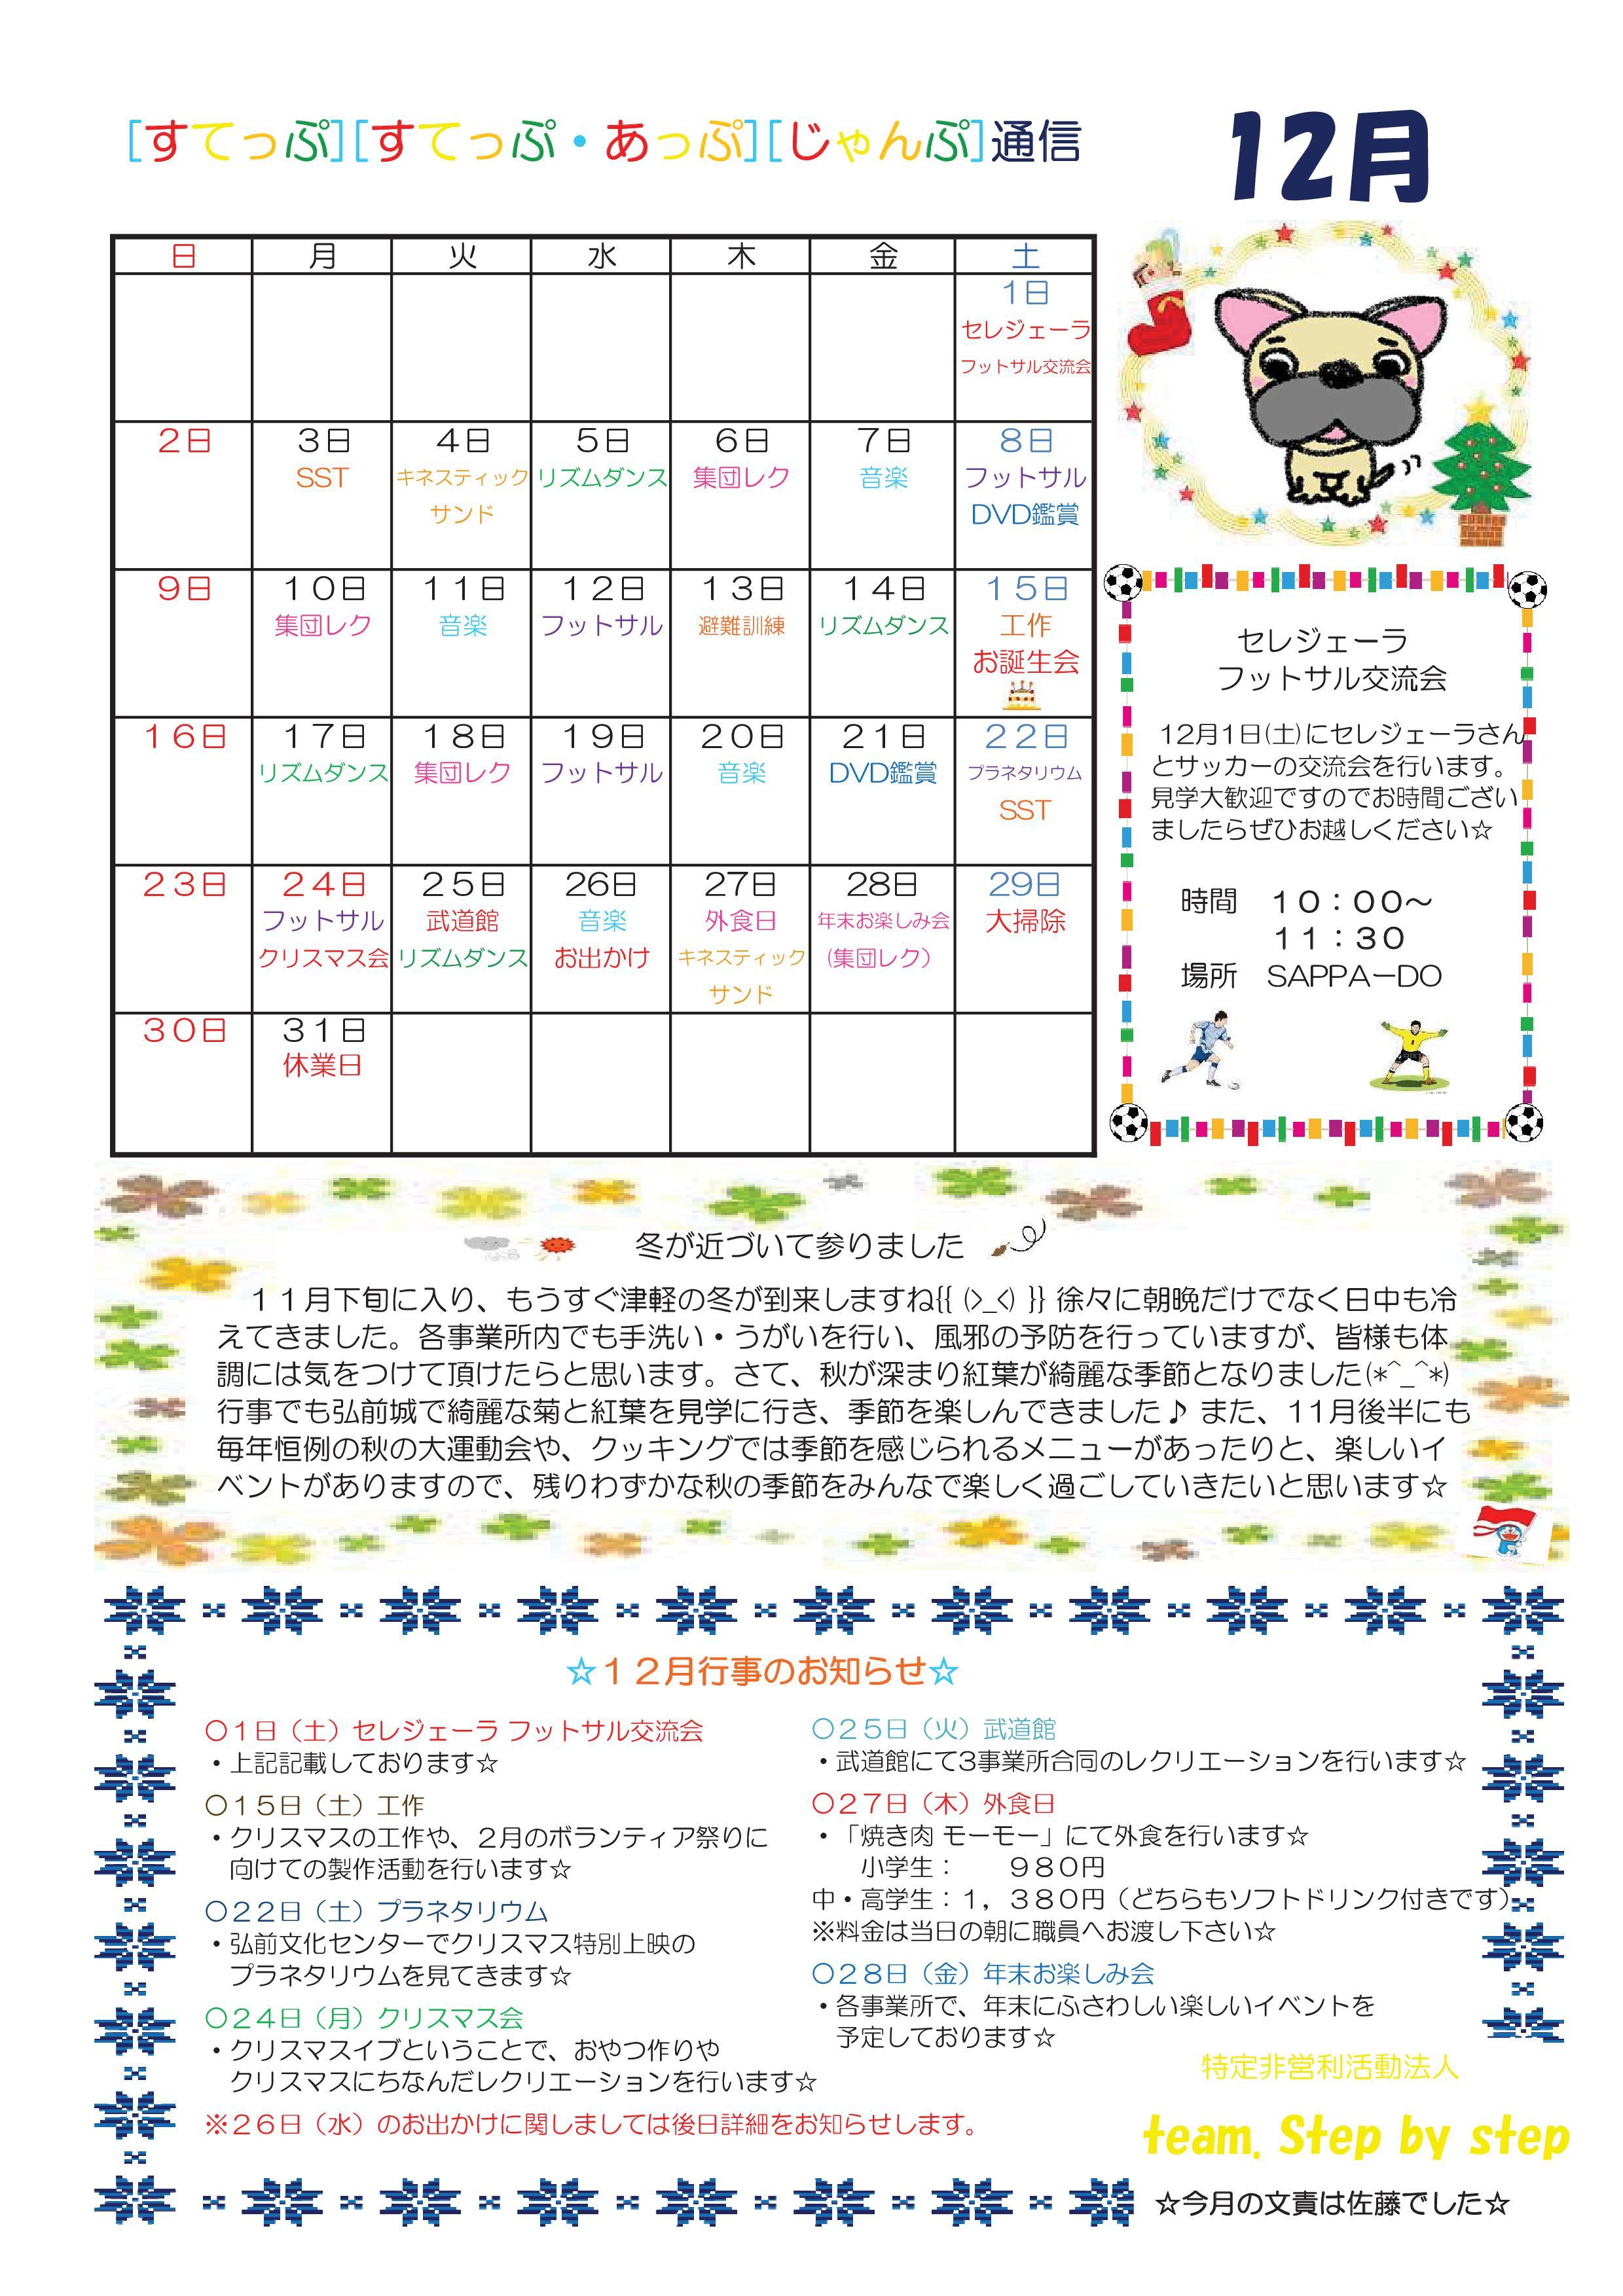 すてっぷ・すてっぷあっぷ・じゃんぷ通信12月号